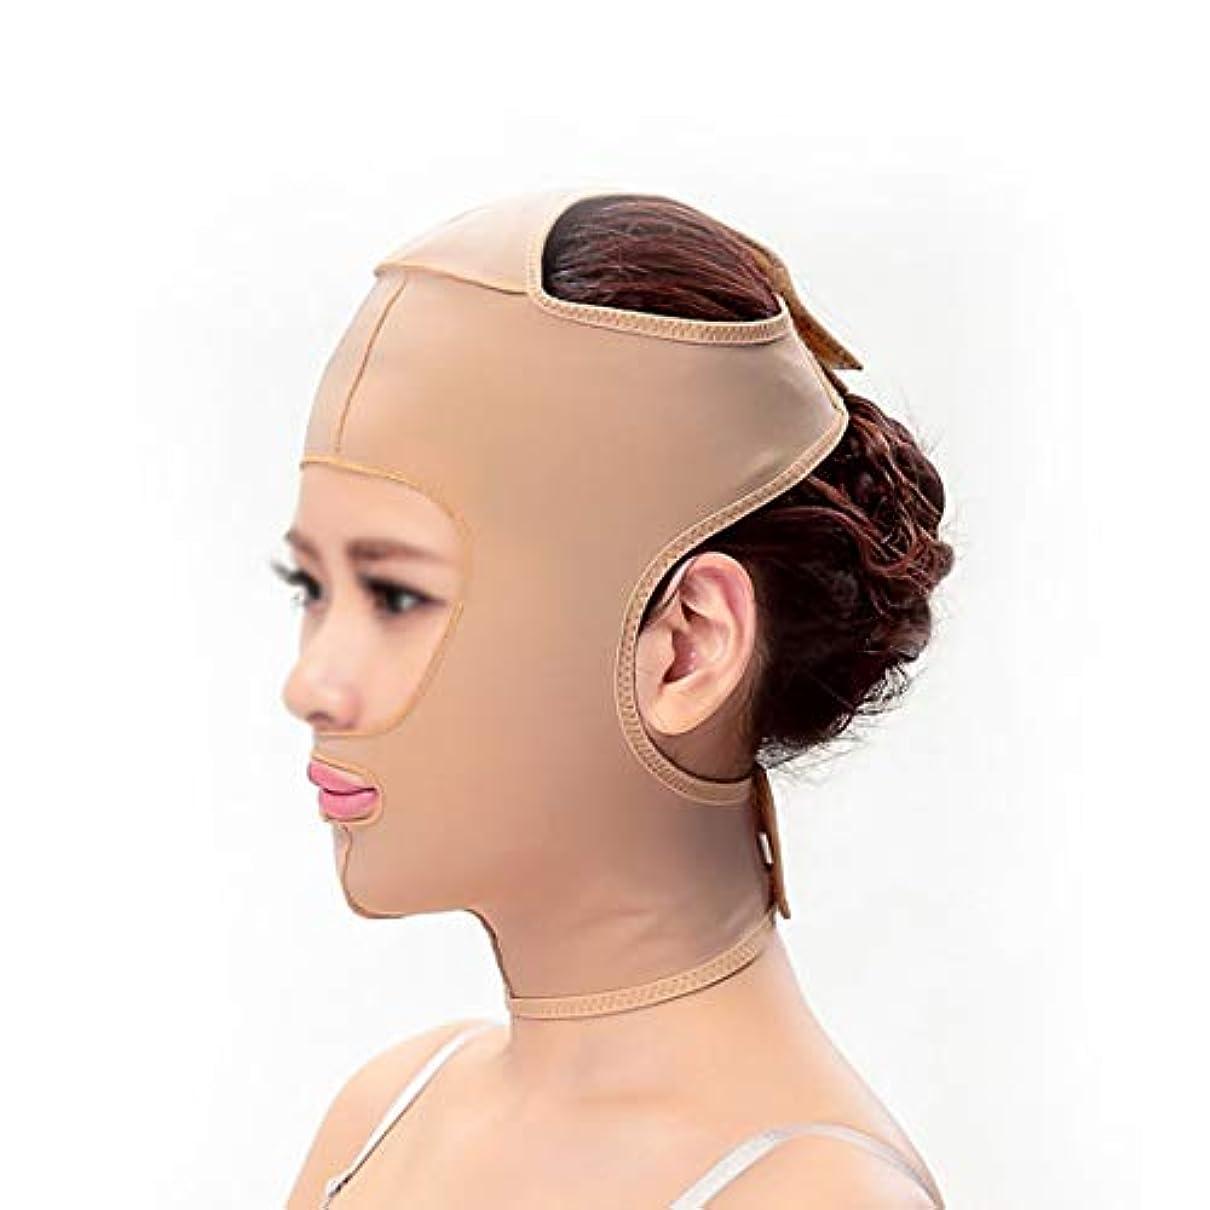 単なる無限大ベリLJK 痩身ベルト、フェイシャルマスク薄いフェイスマスクを脇に持ち上げる二重あご引き締め顔面プラスチックフェイスアーティファクト強力なフェイス包帯 (Size : M)